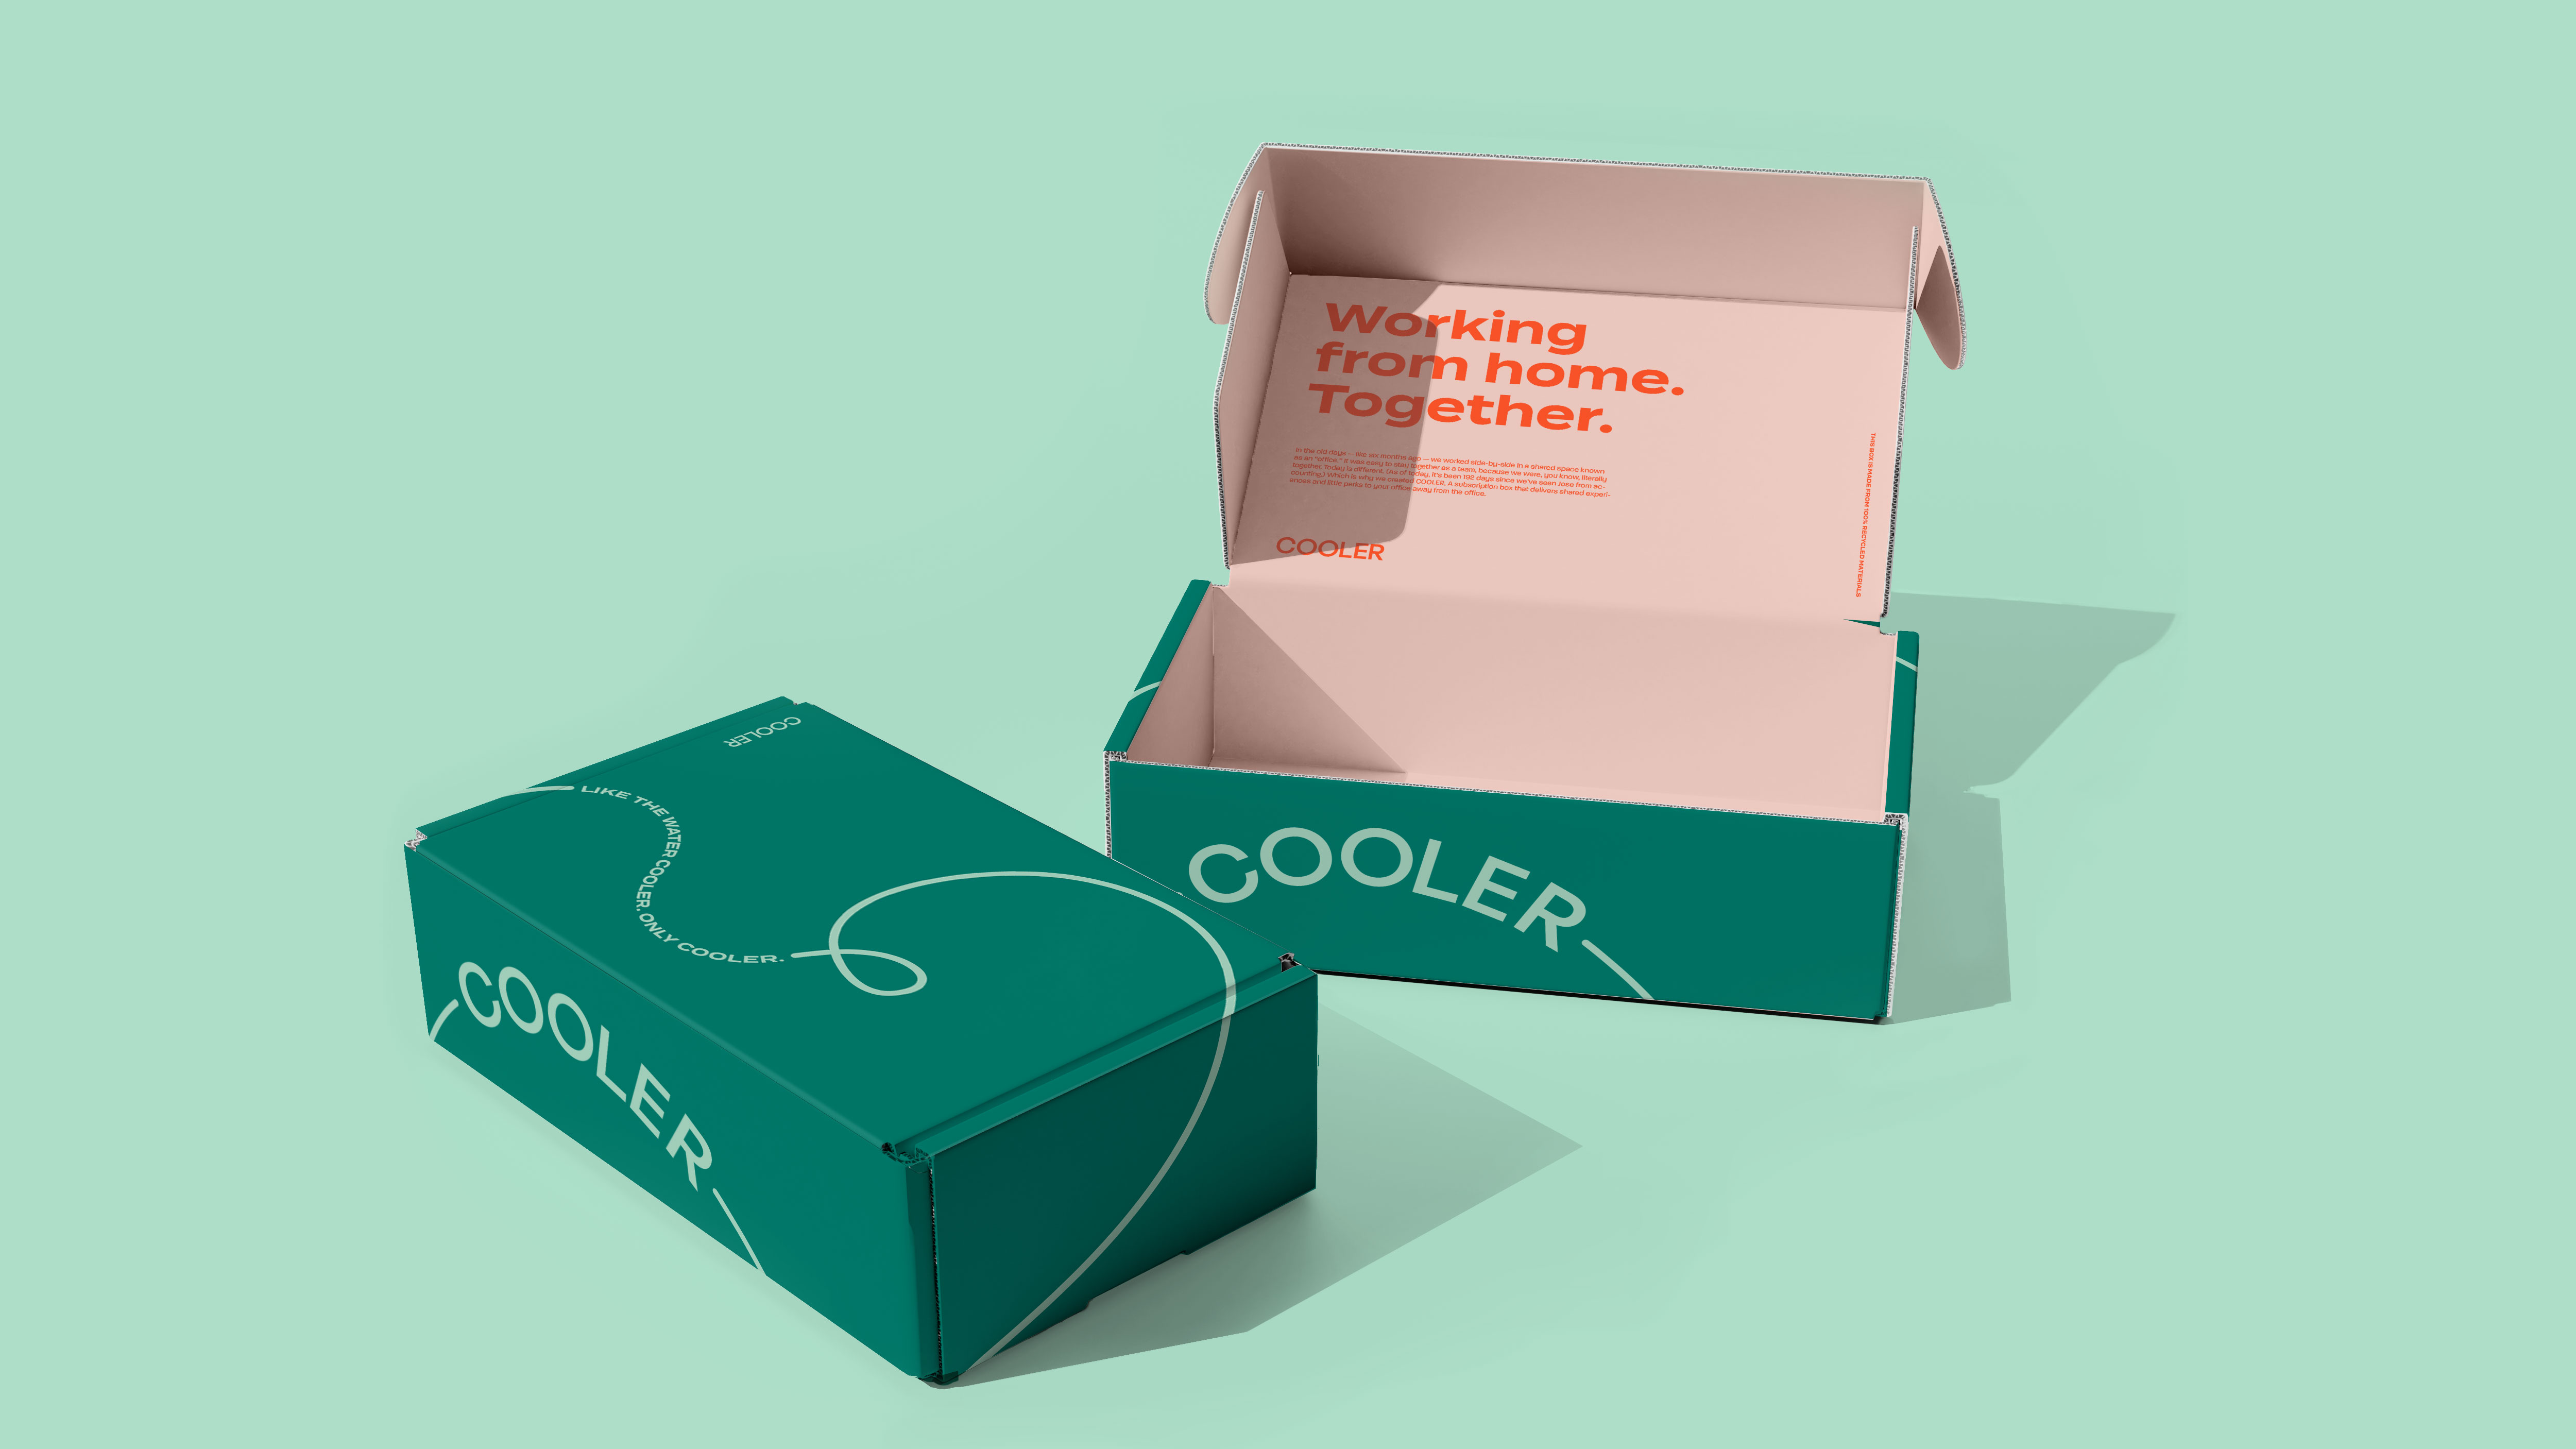 COOLER offre un niveau supérieur d'appréciation des employés à